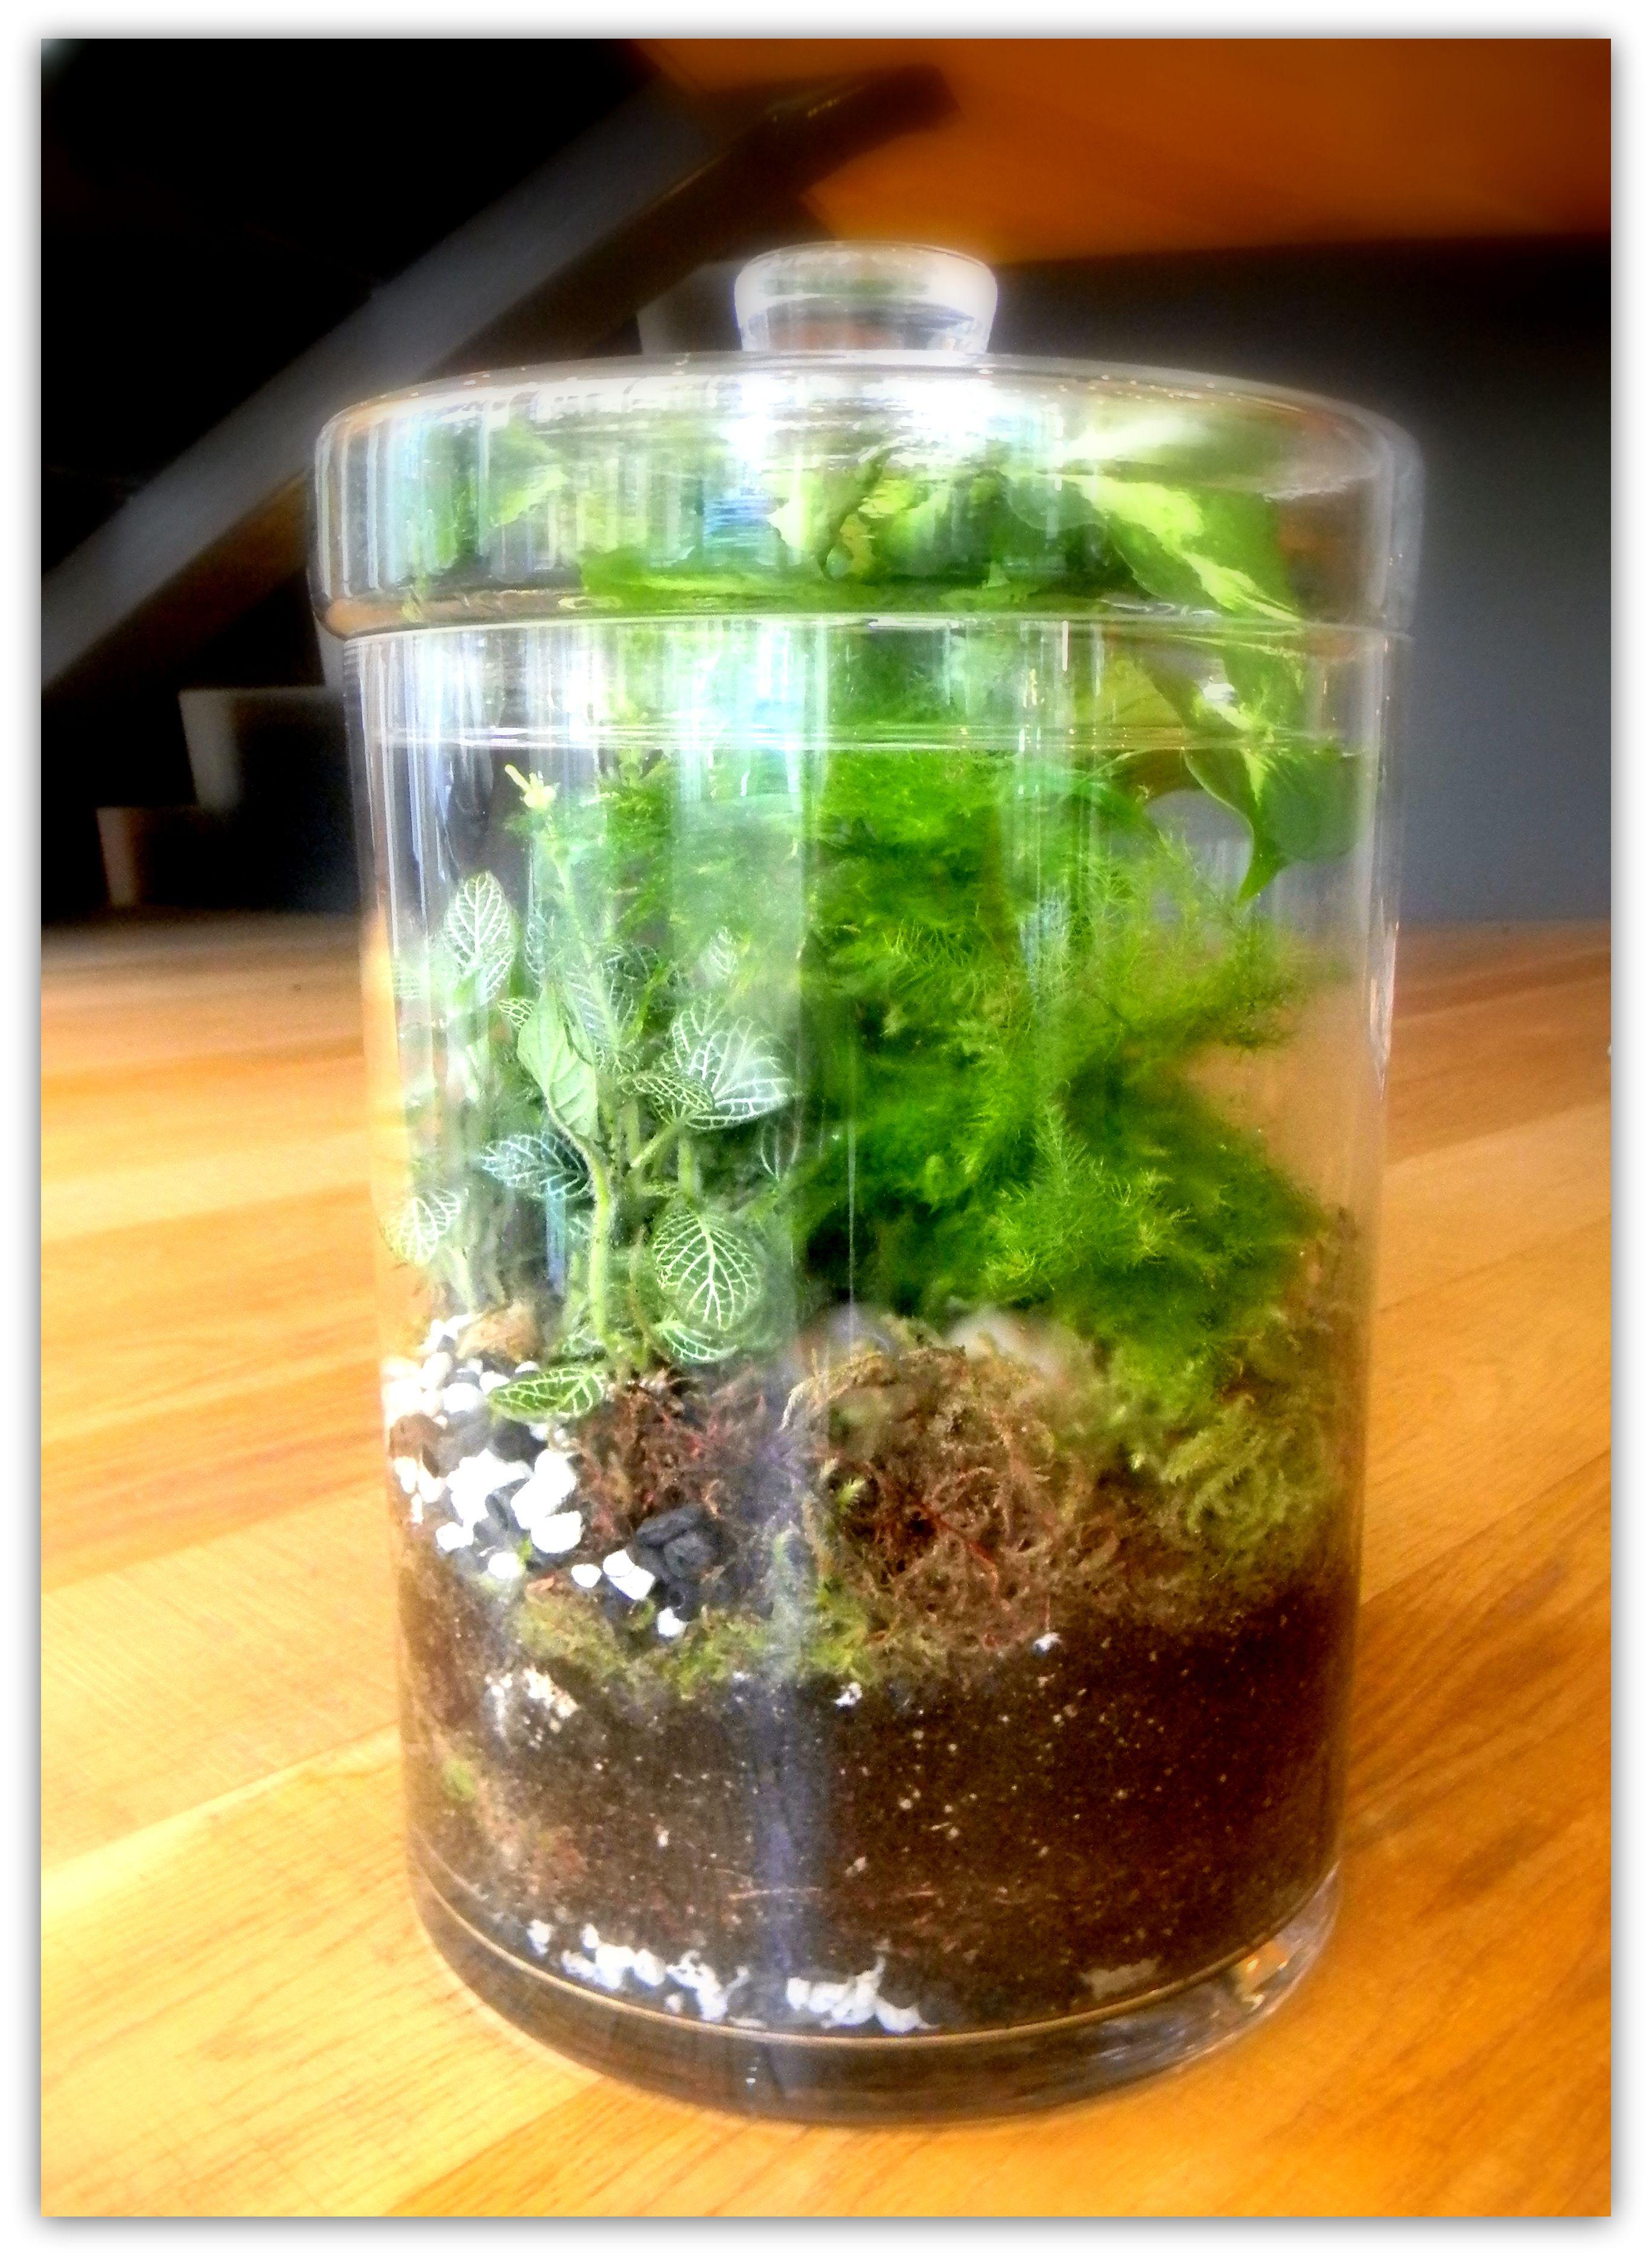 Cookie Jar Asparagus Fern Diefenbachia Terrariums Asparagus